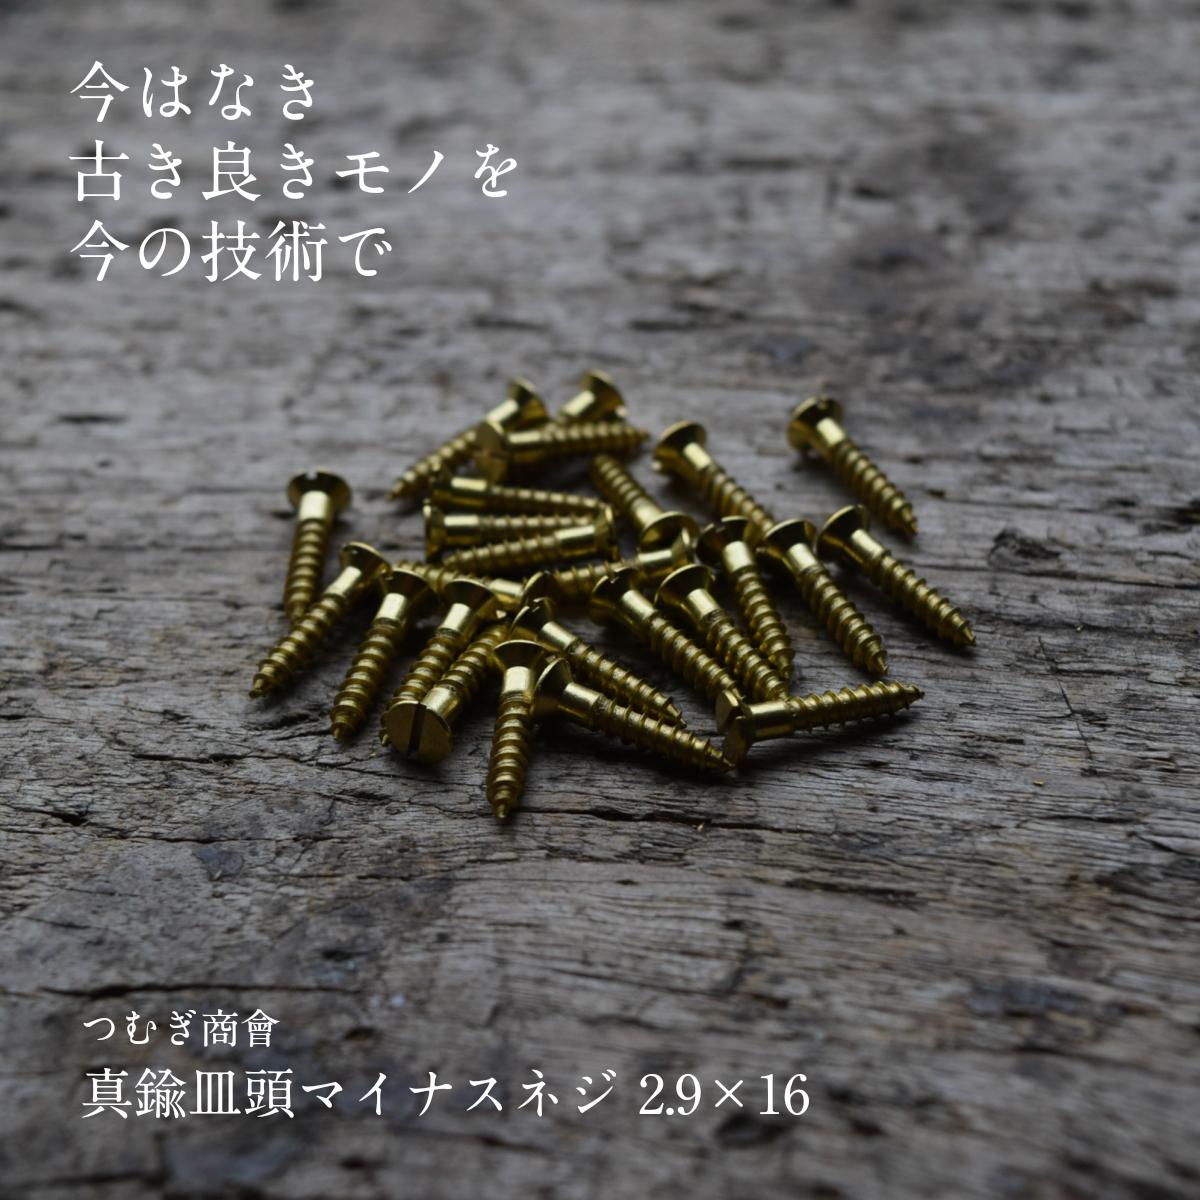 tsumugisyoukai つむぎ商會 金物 真鍮皿頭マイナスネジ5.5×2.9×16mm 1袋25本入 好評受付中 ギフト